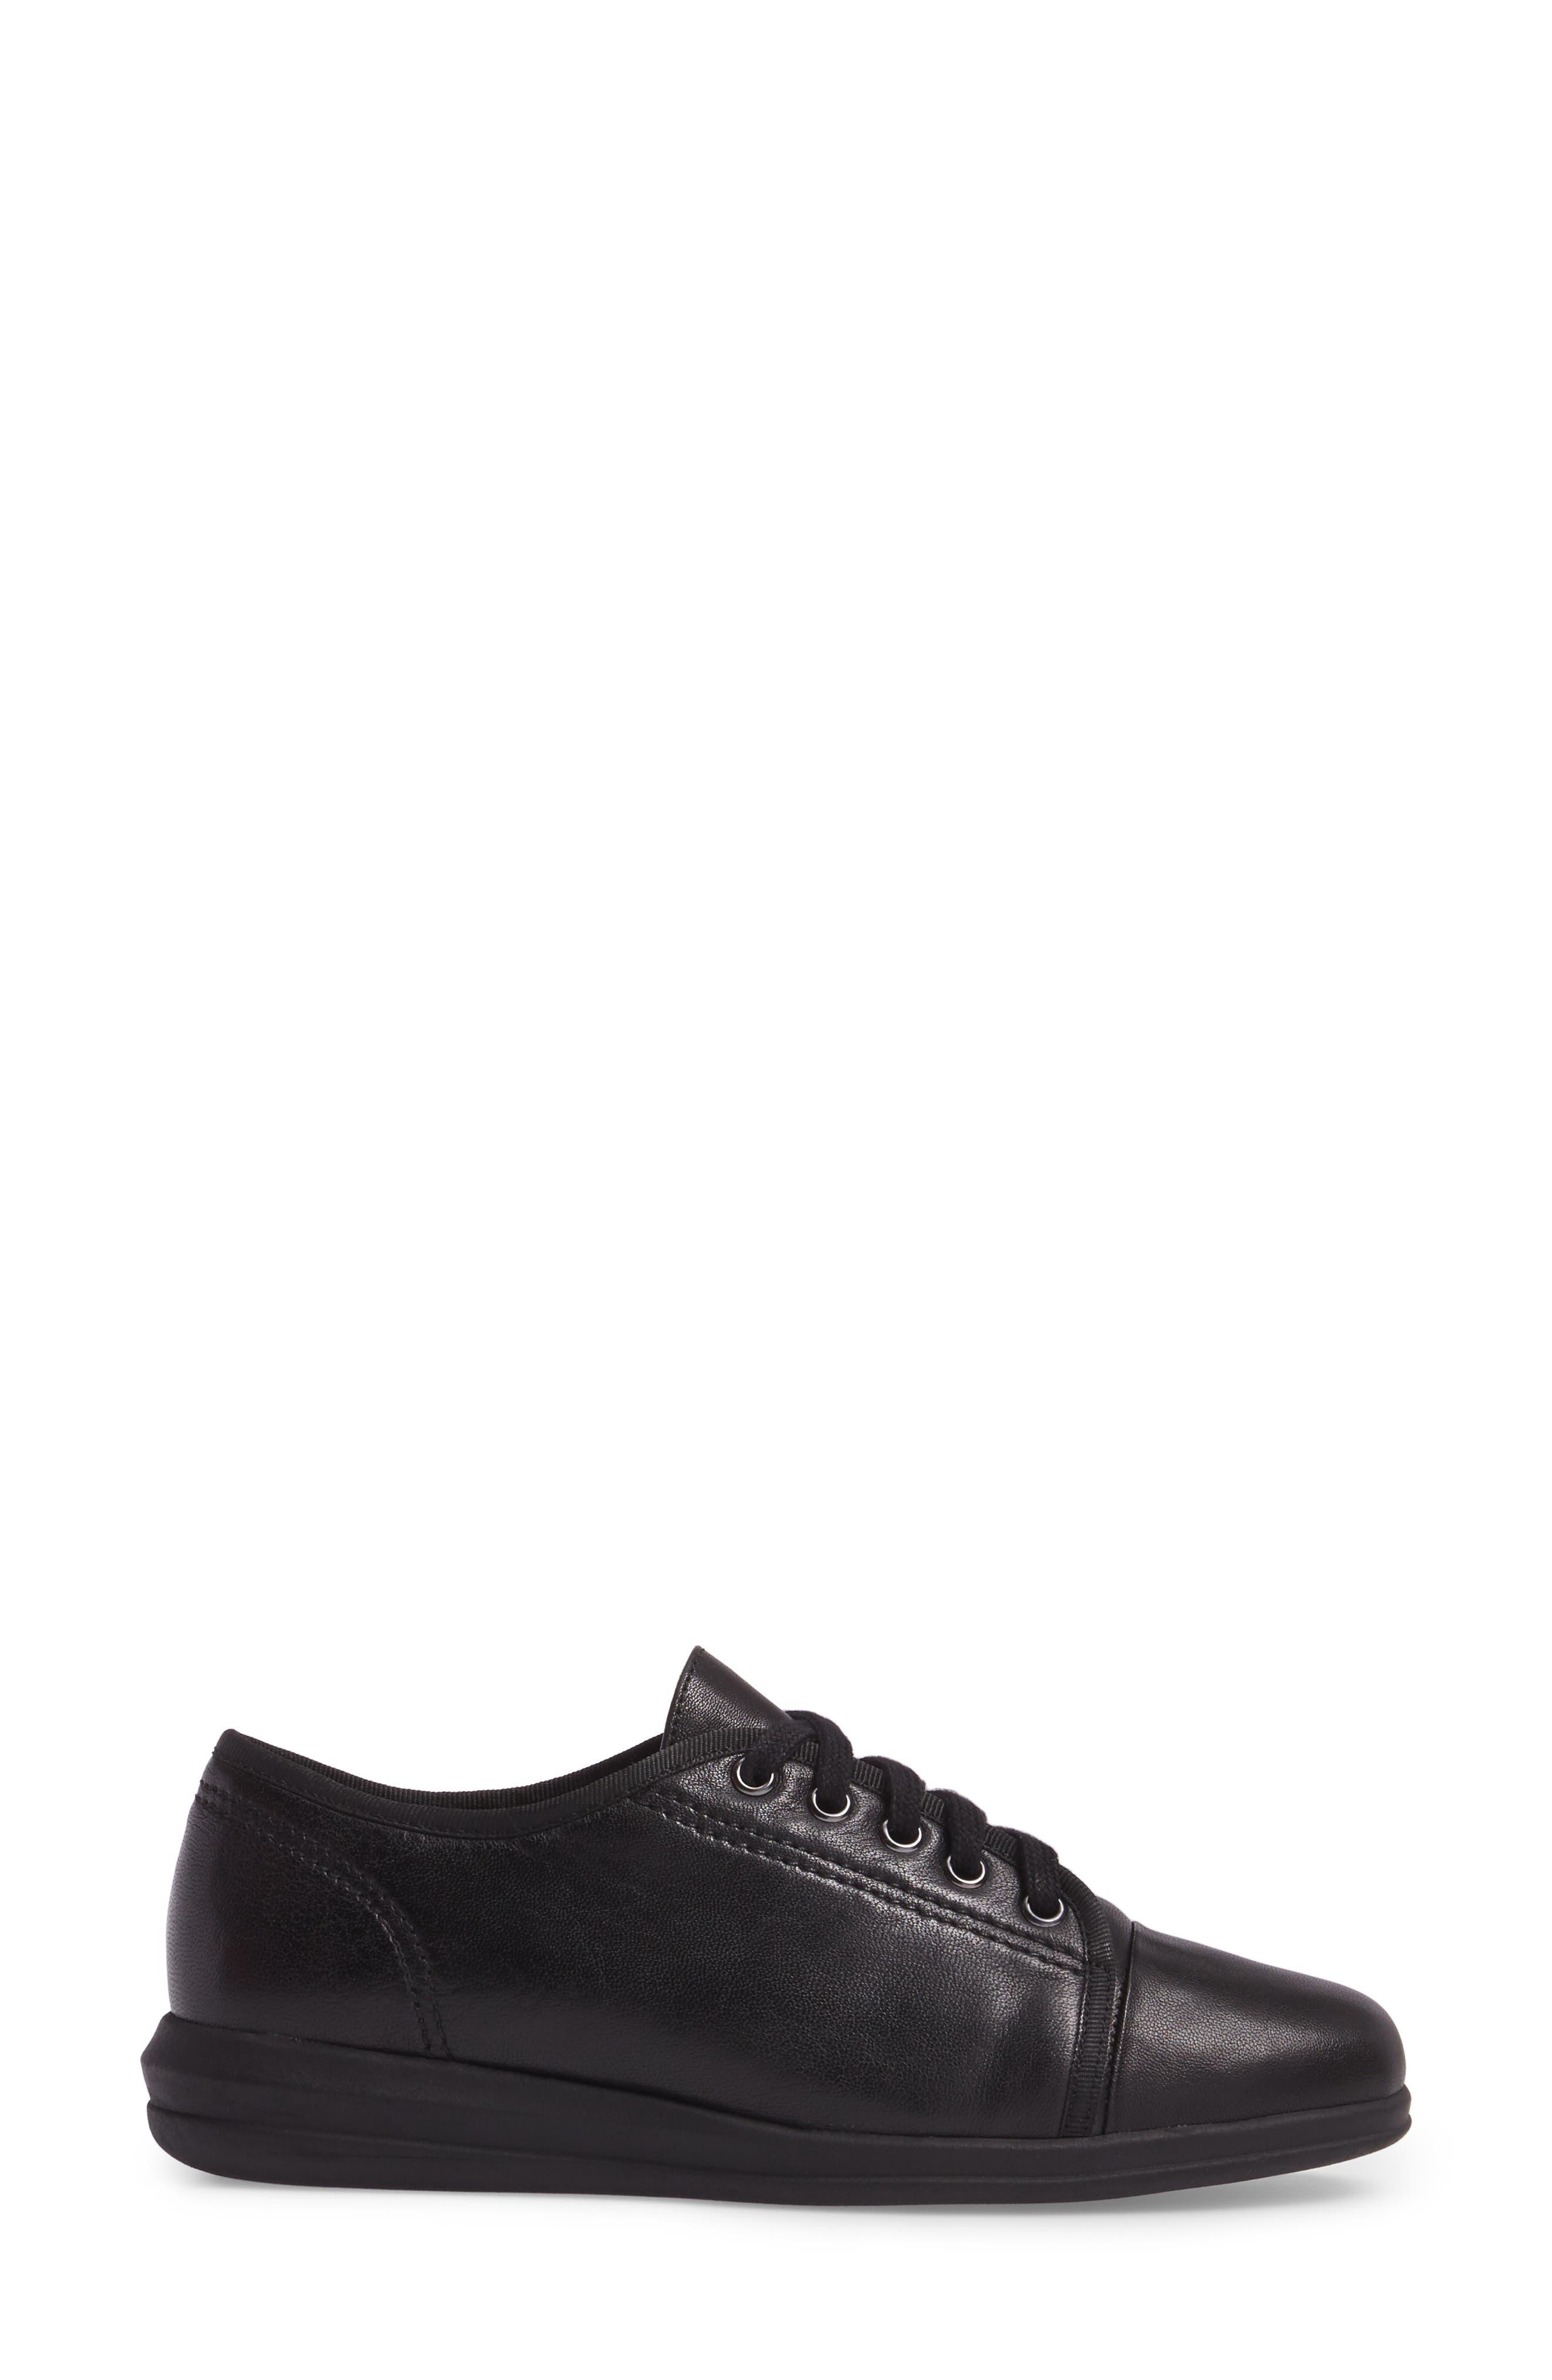 Siren Sneaker,                             Alternate thumbnail 3, color,                             BLACK LEATHER